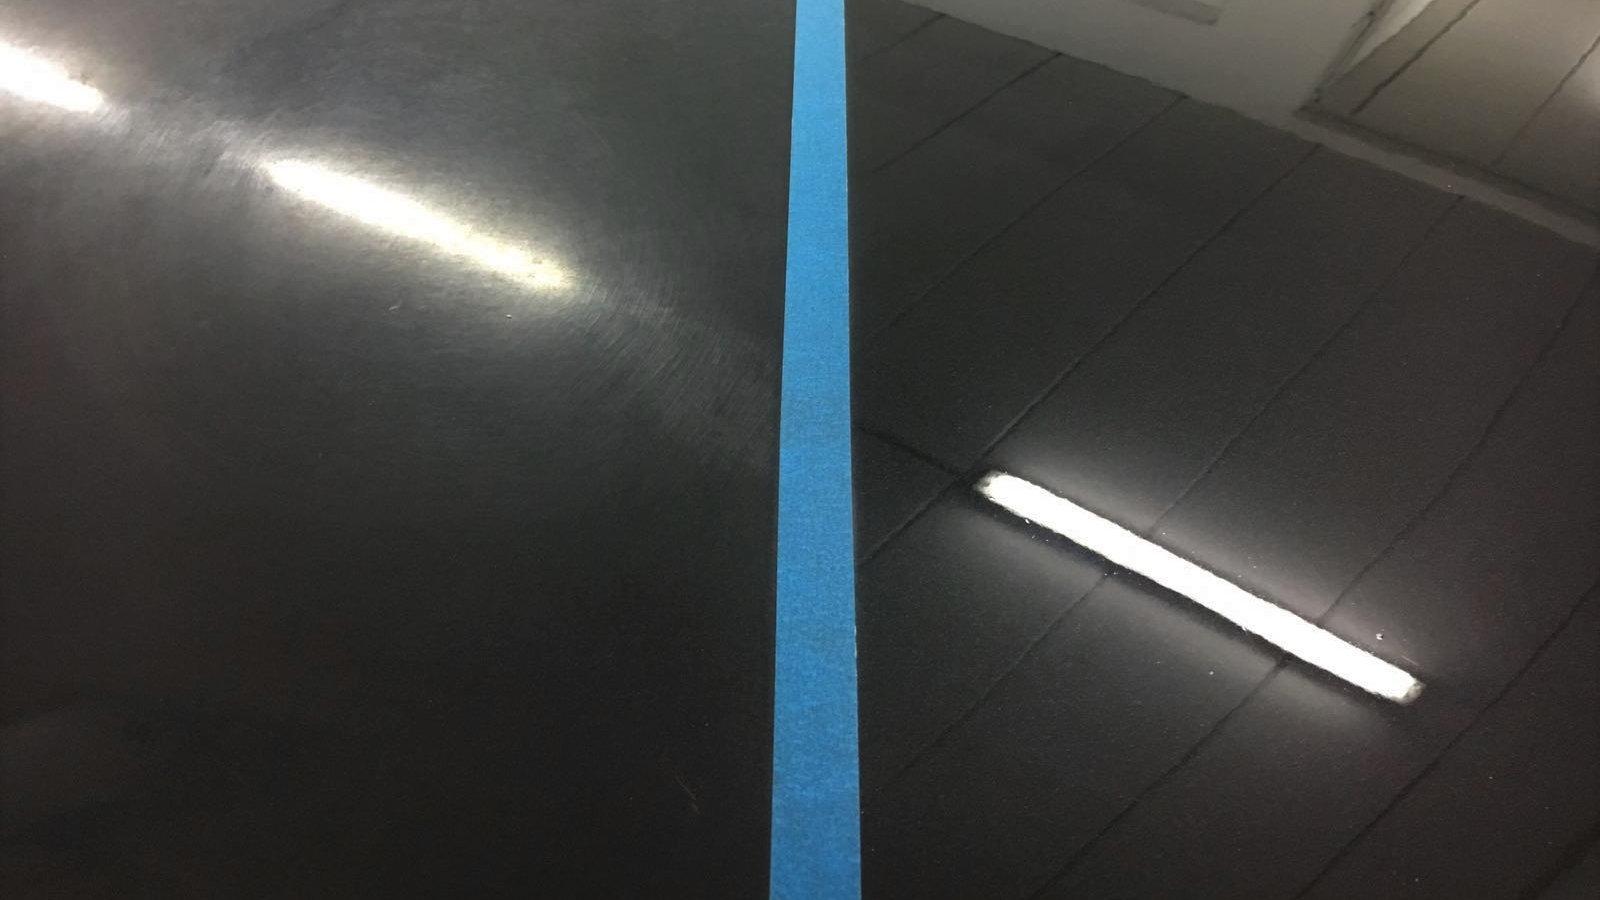 Hologramme wurden bearbeitet. Auf der rechten Seite sieht man den hologrammfreien Lack.